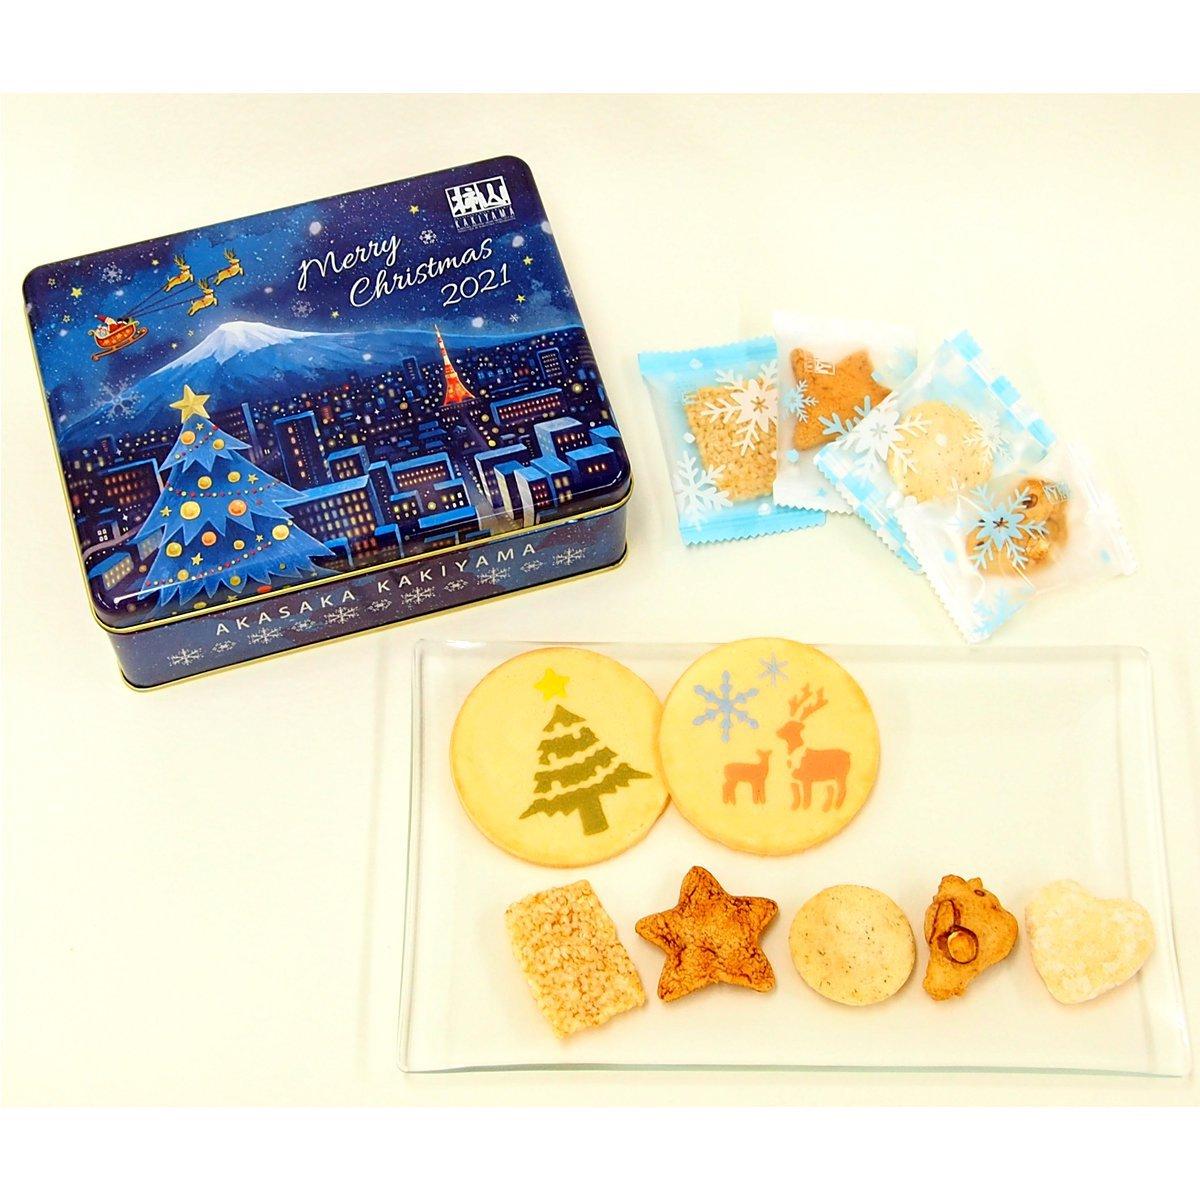 赤坂柿山のクリスマスおかき